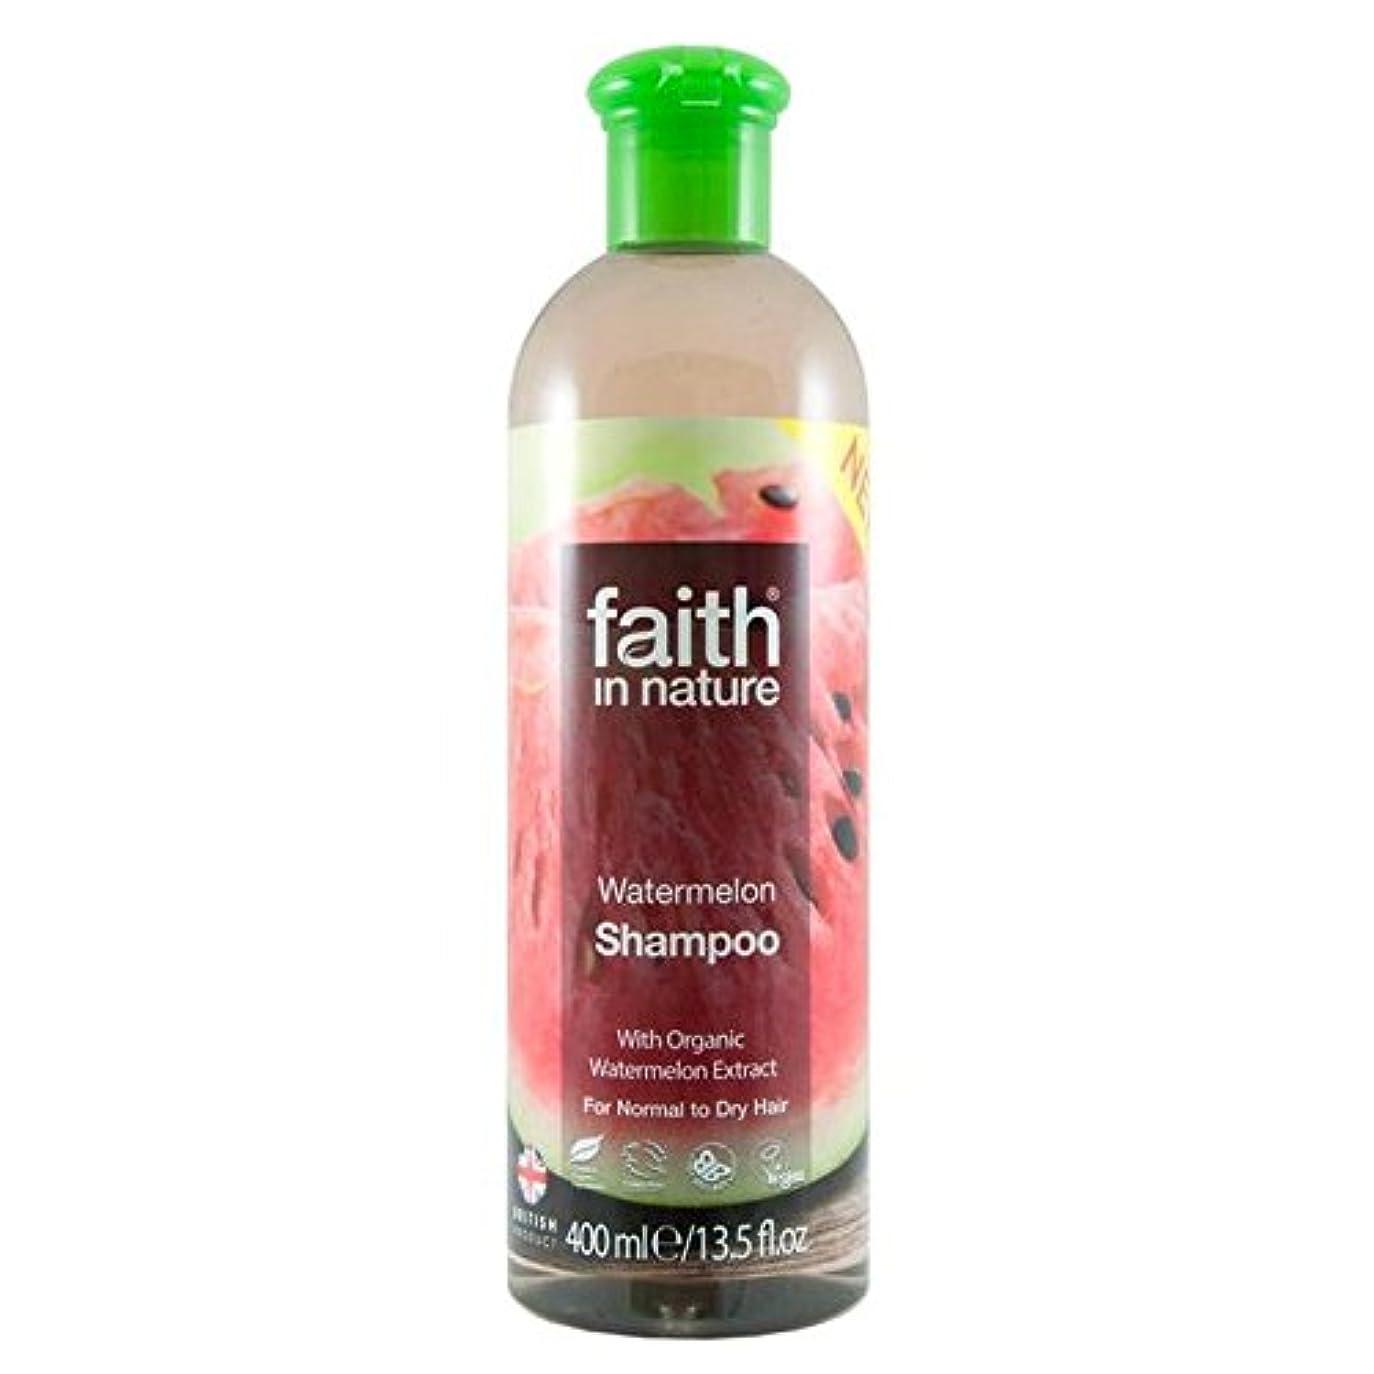 モスク傑作ビジネスFaith in Nature Watermelon Shampoo 400ml (Pack of 2) - (Faith In Nature) 自然スイカのシャンプー400ミリリットルの信仰 (x2) [並行輸入品]